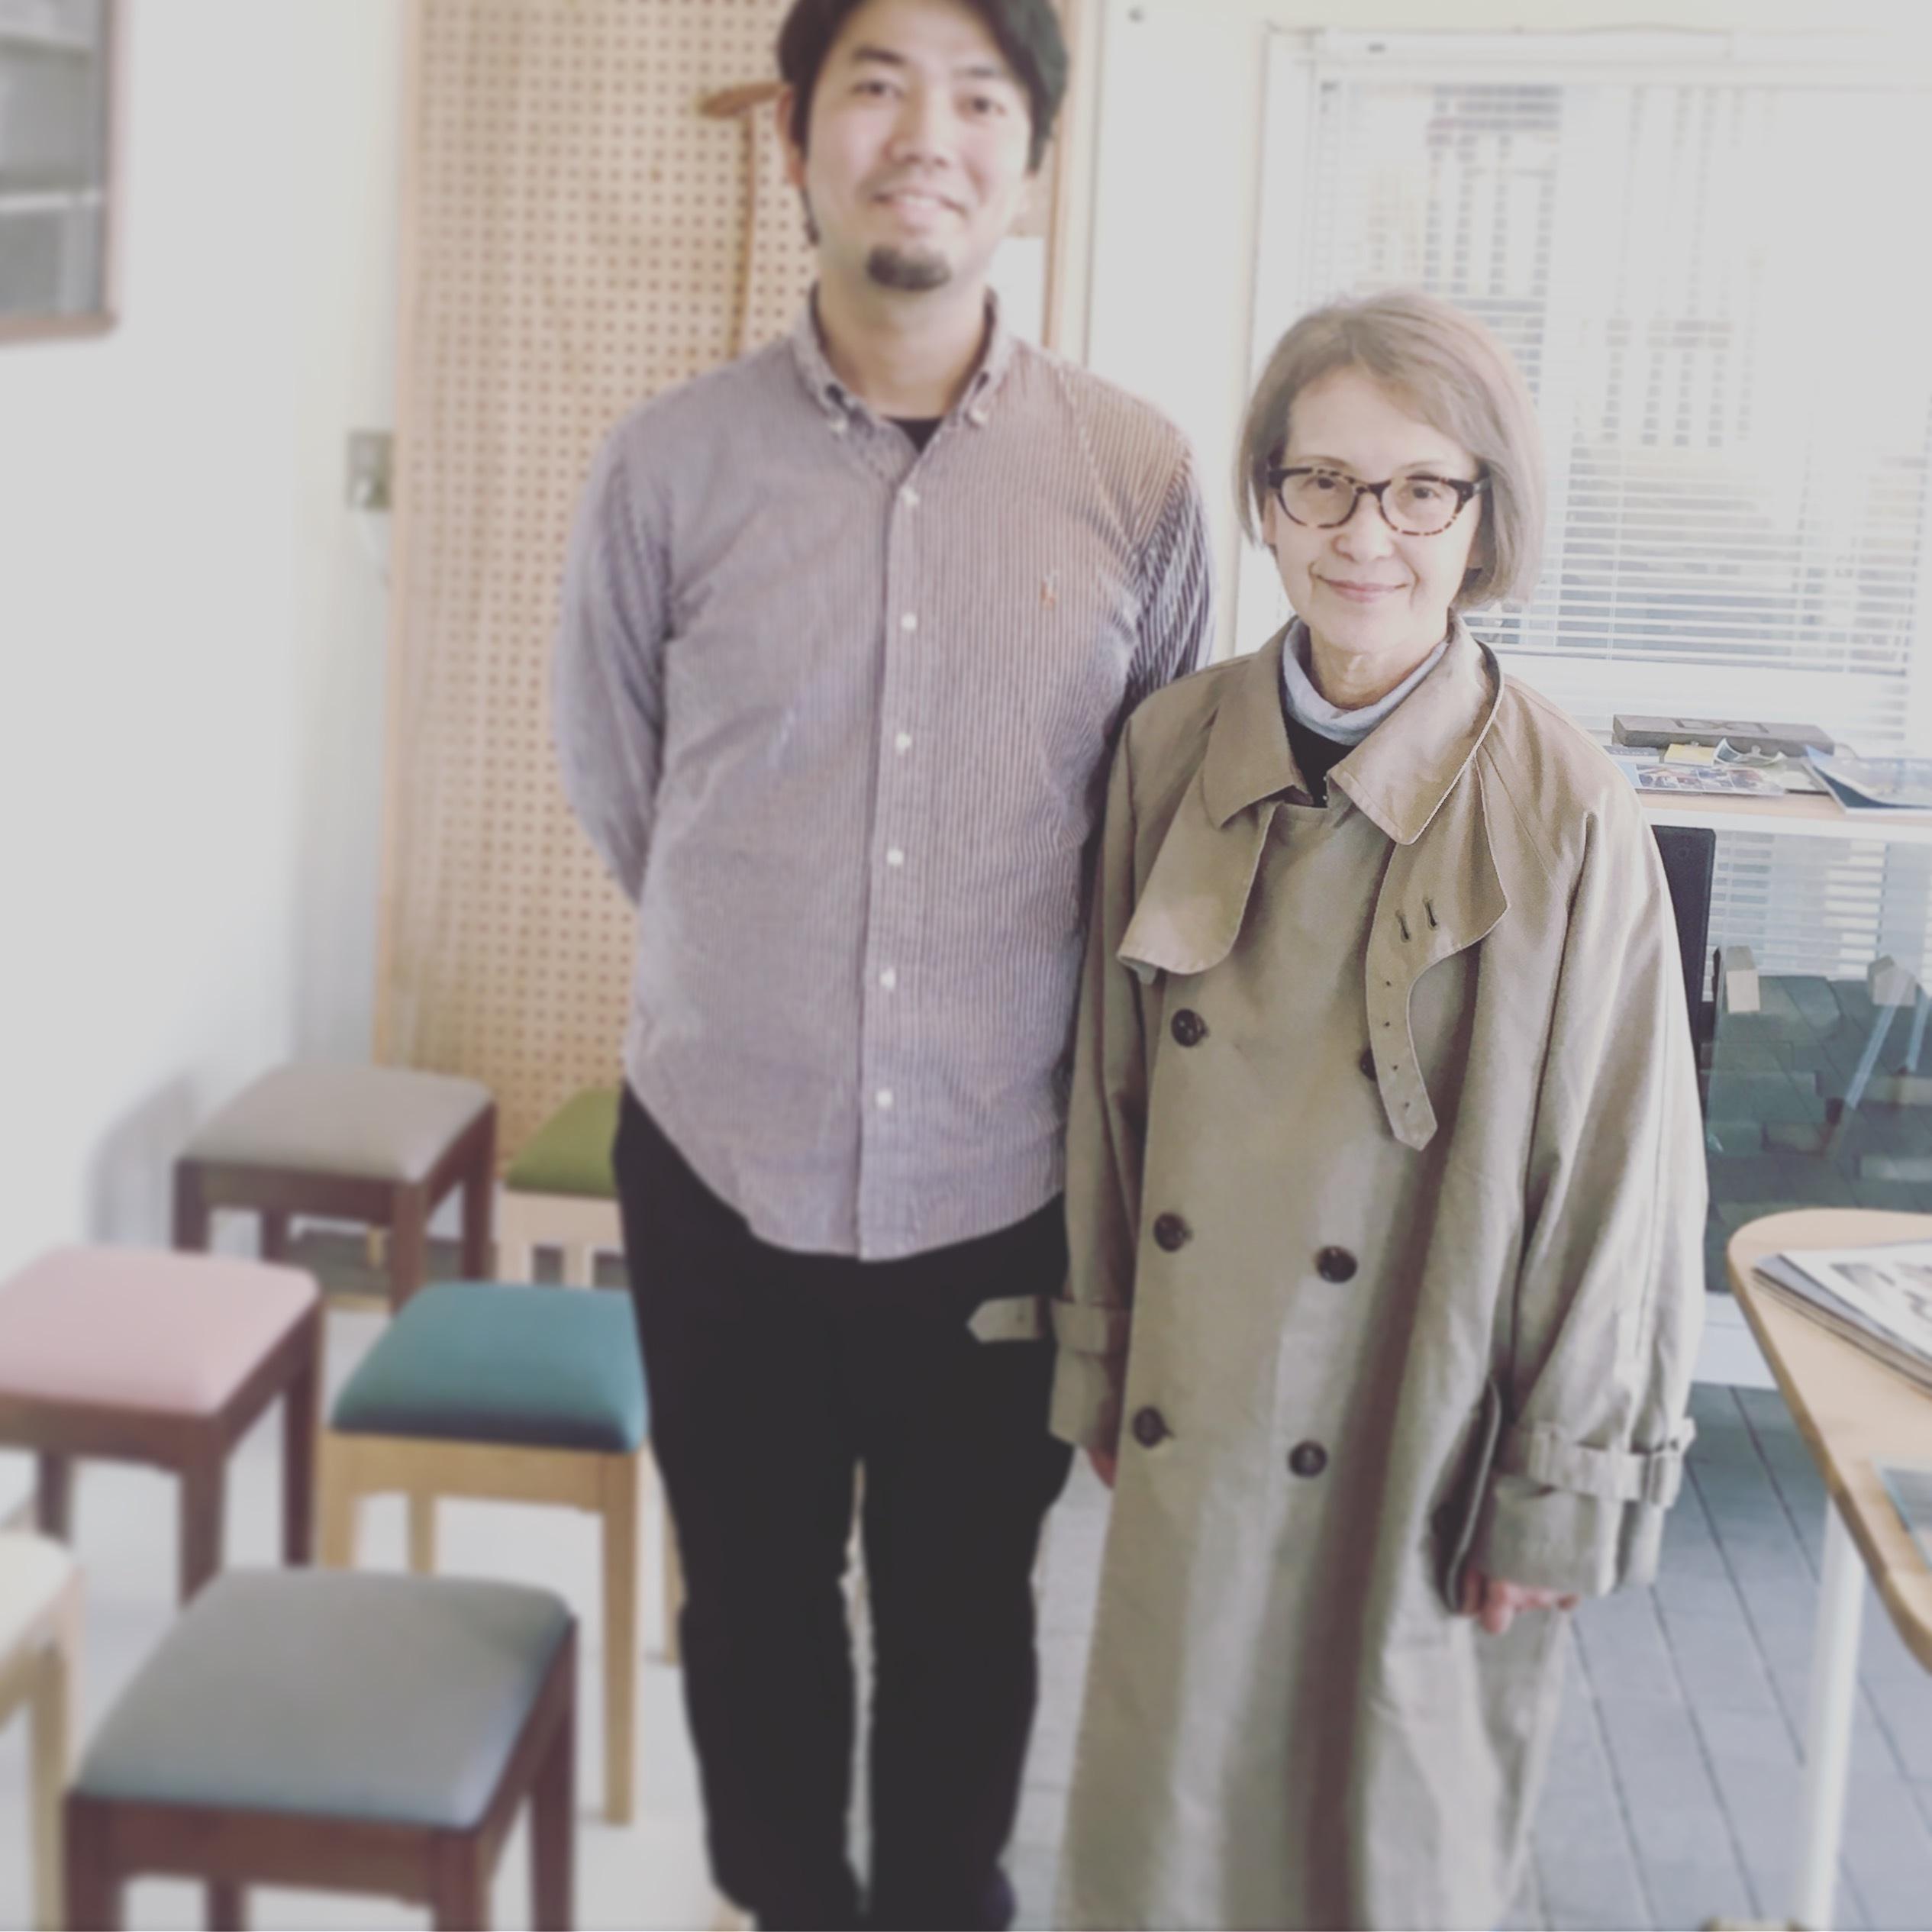 吉本由美さん御来訪!九州の食卓_c0211761_12490112.jpg